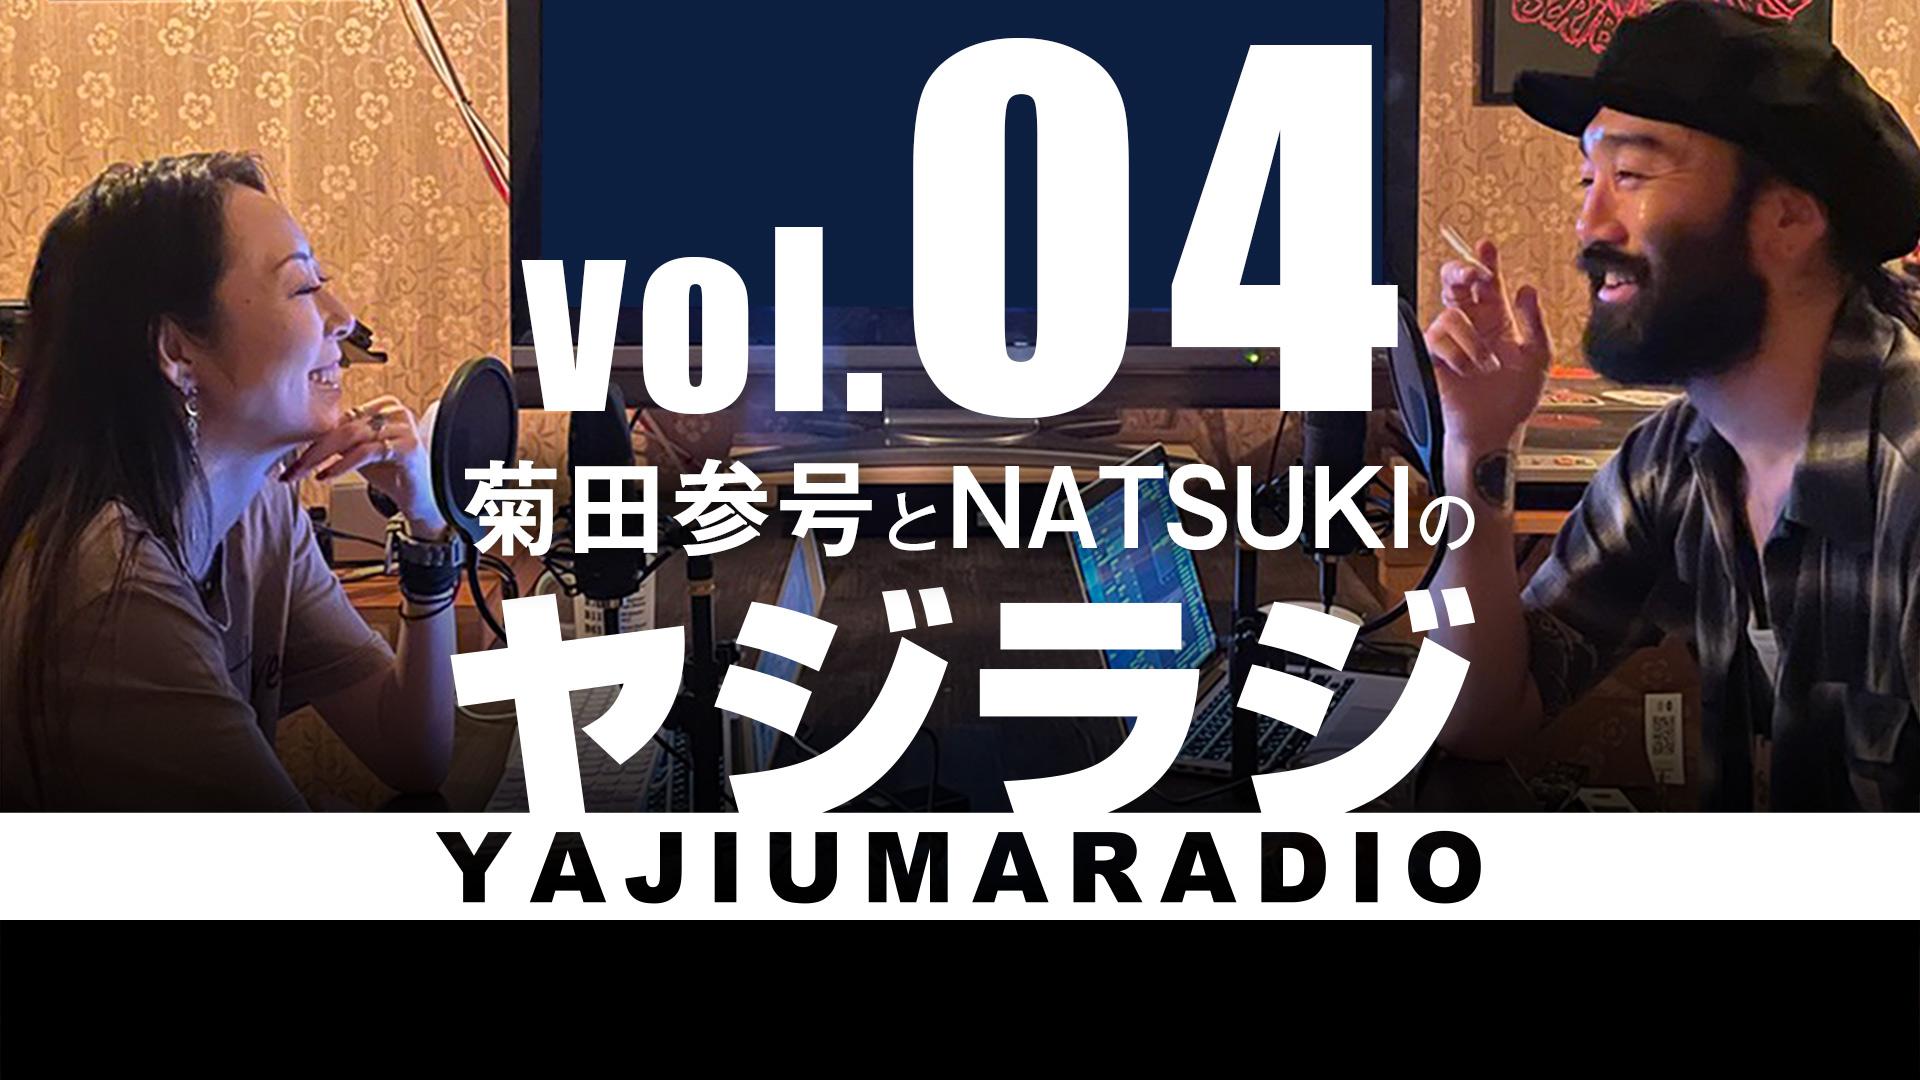 【vol.04】SANGOU五周年記念日決定!? / 菊田参号とNATSUKIの「ヤジウマラジオ」